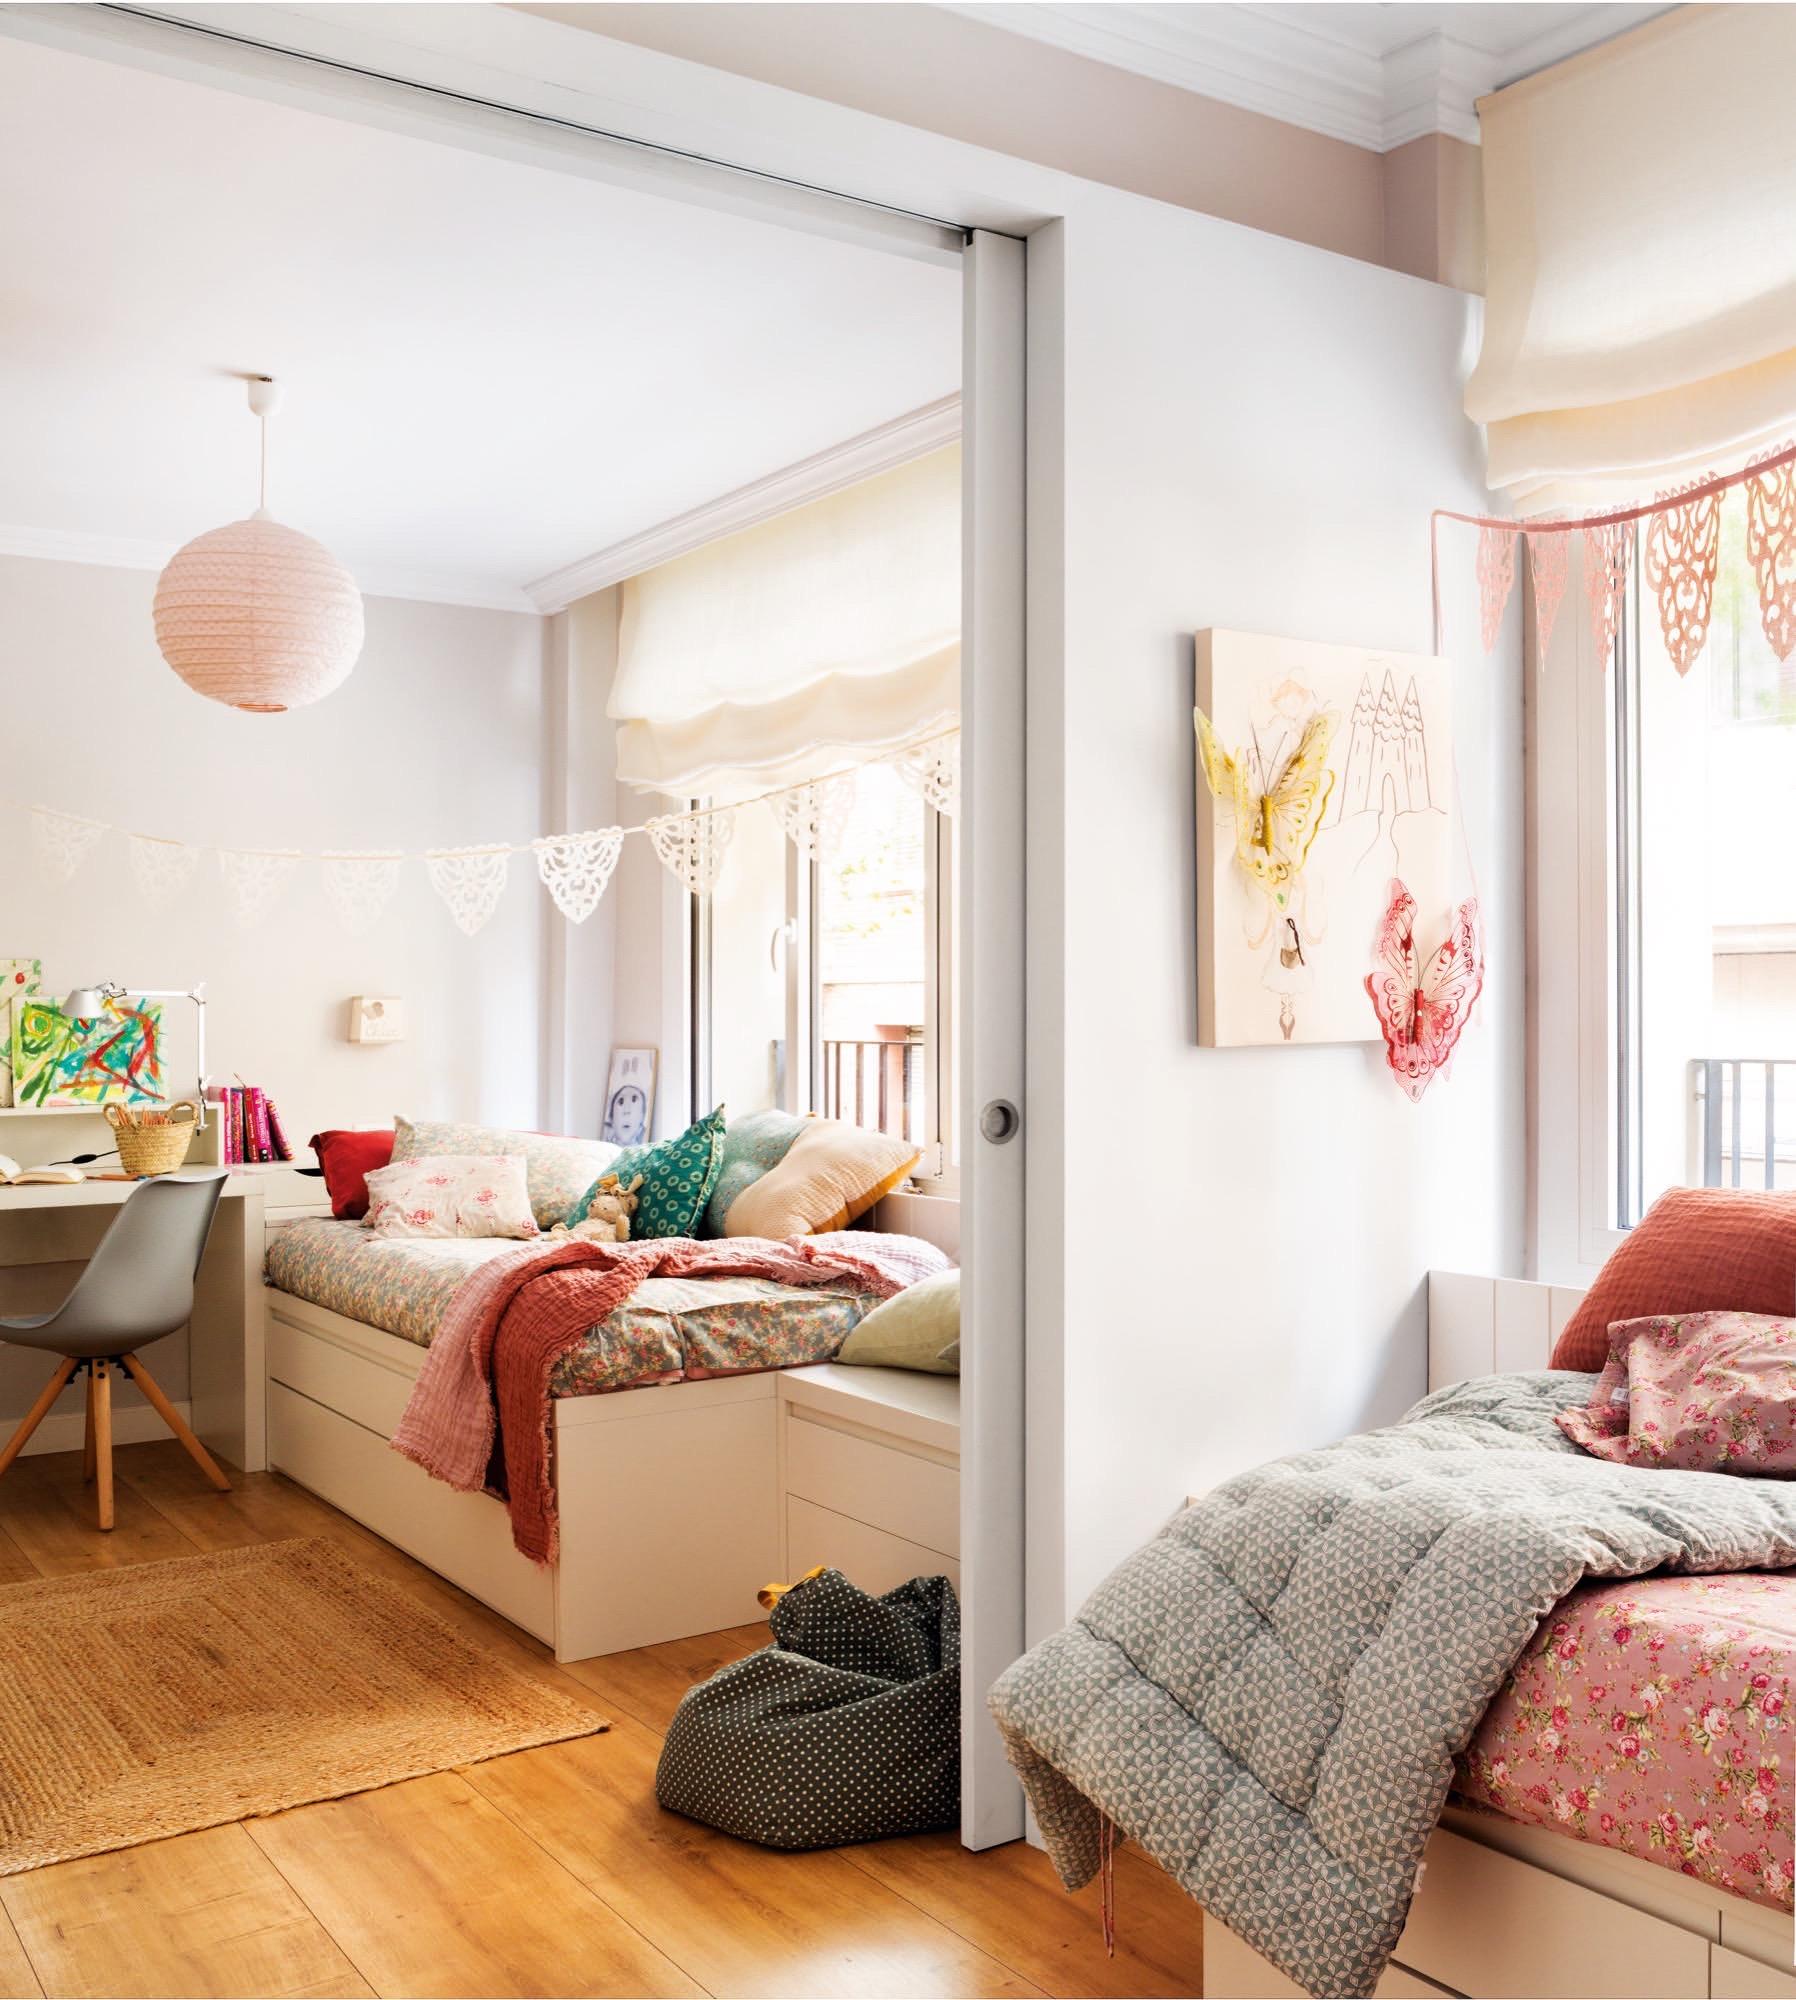 Muebles ni os - Muebles infantiles para habitaciones pequenas ...